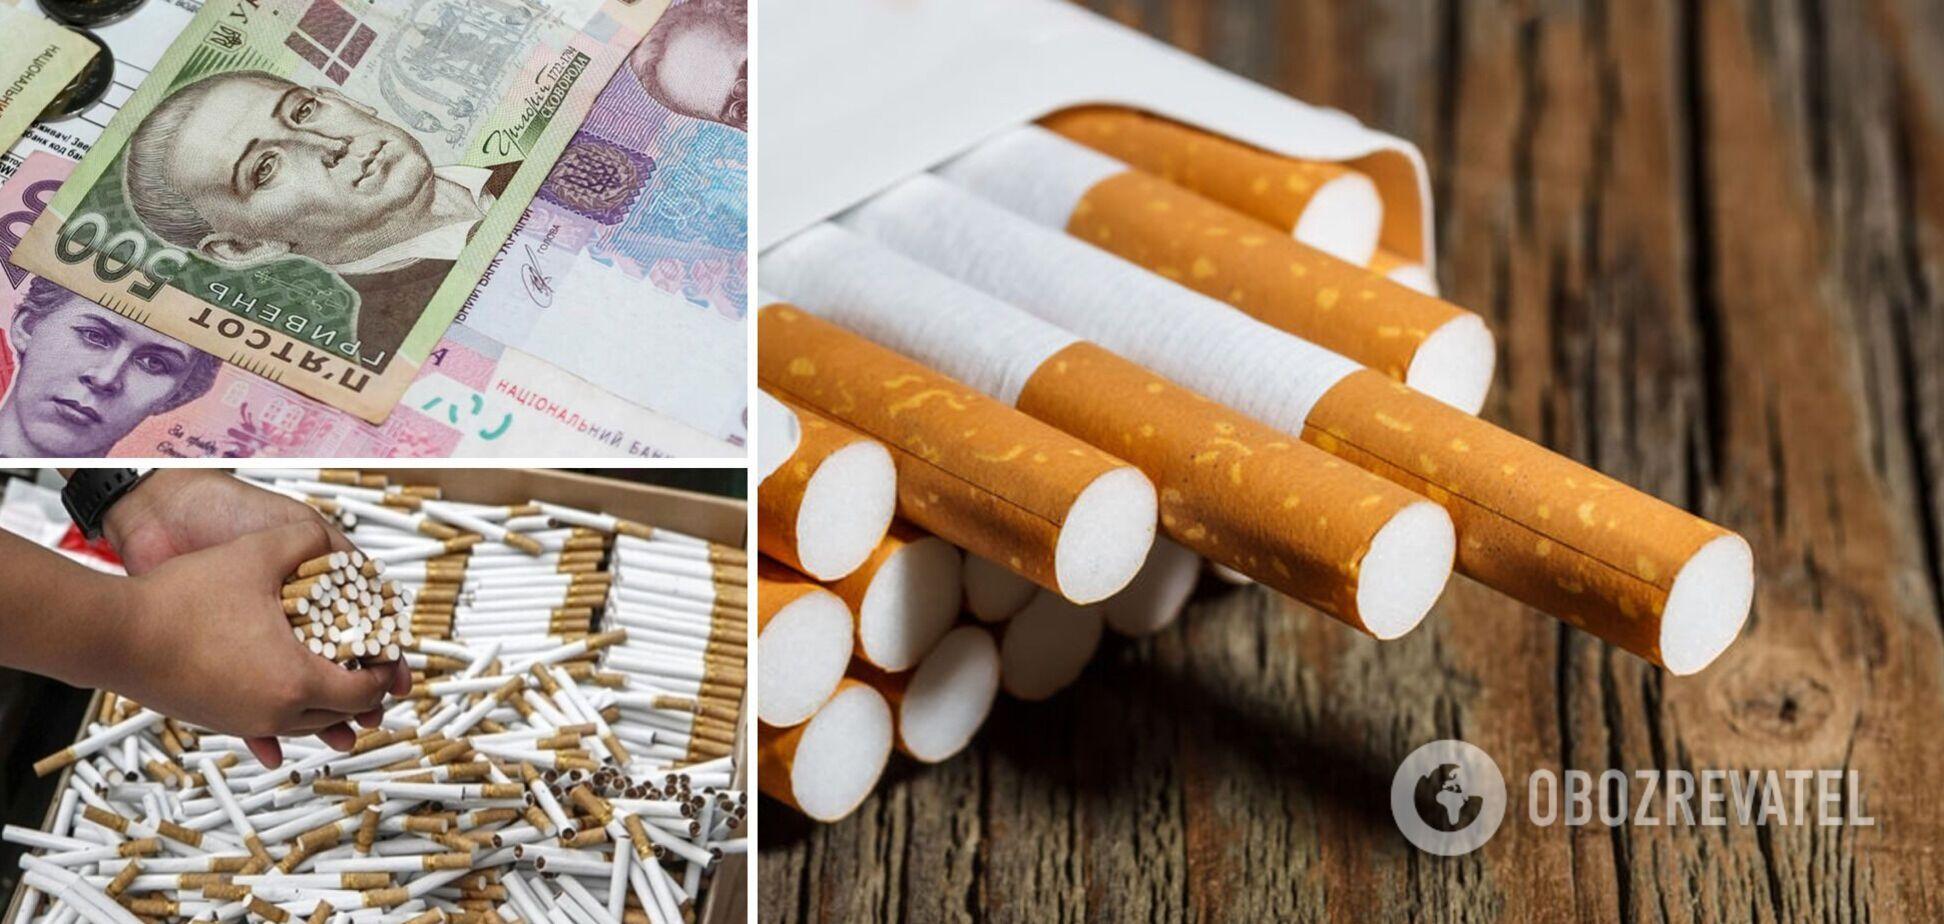 Сколько будет стоить пачка сигарет